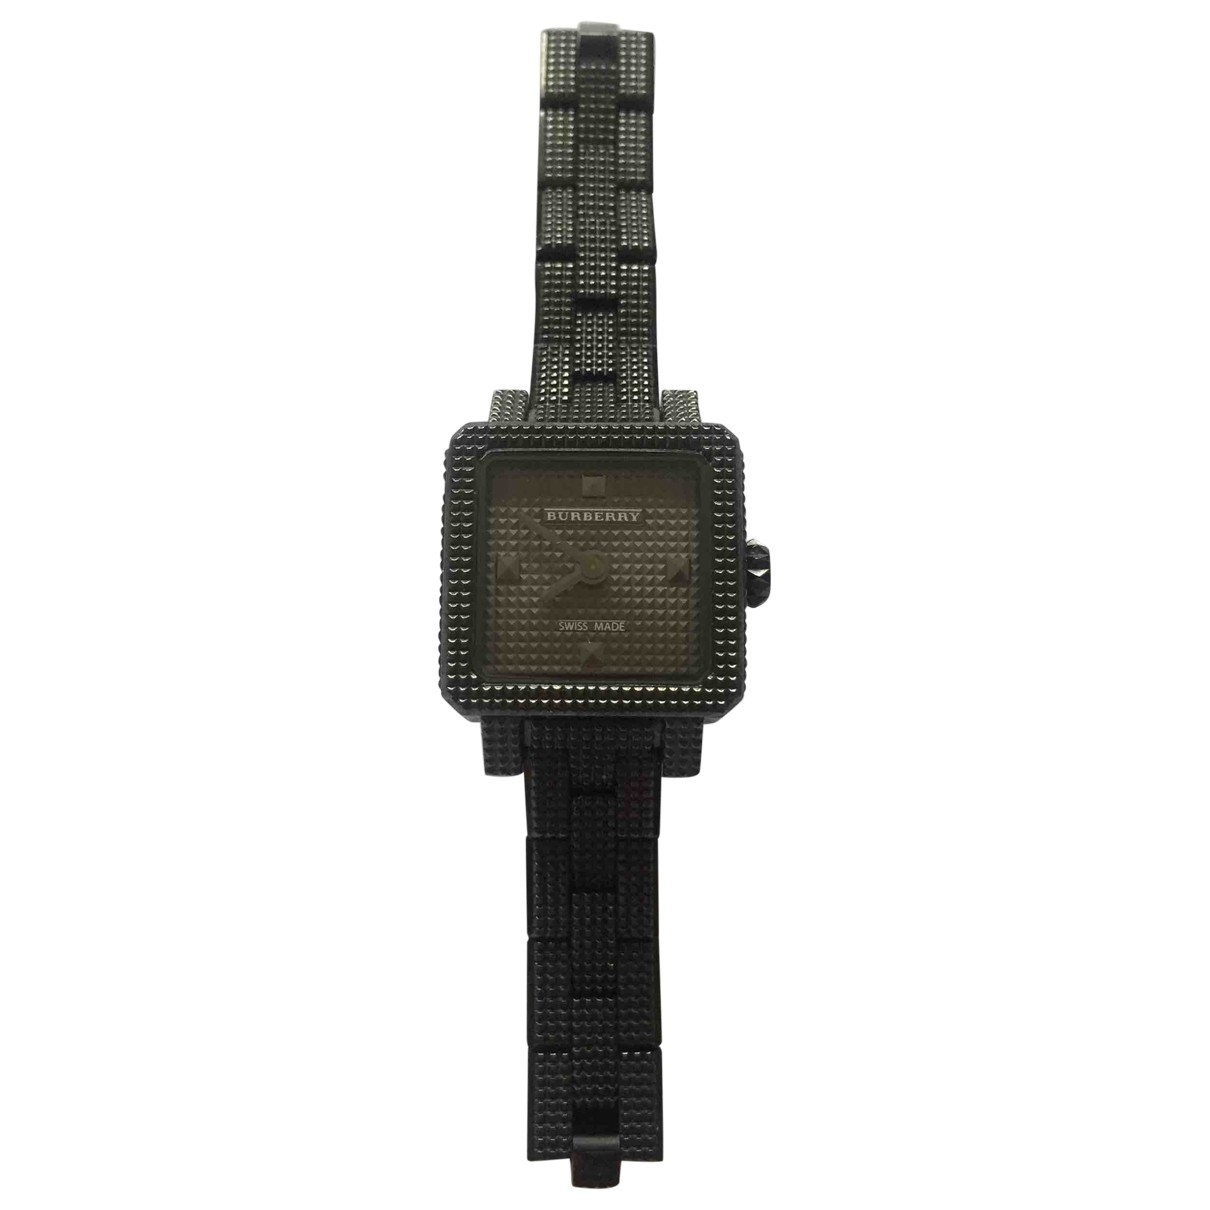 Burberry \N Black Steel watch for Women \N